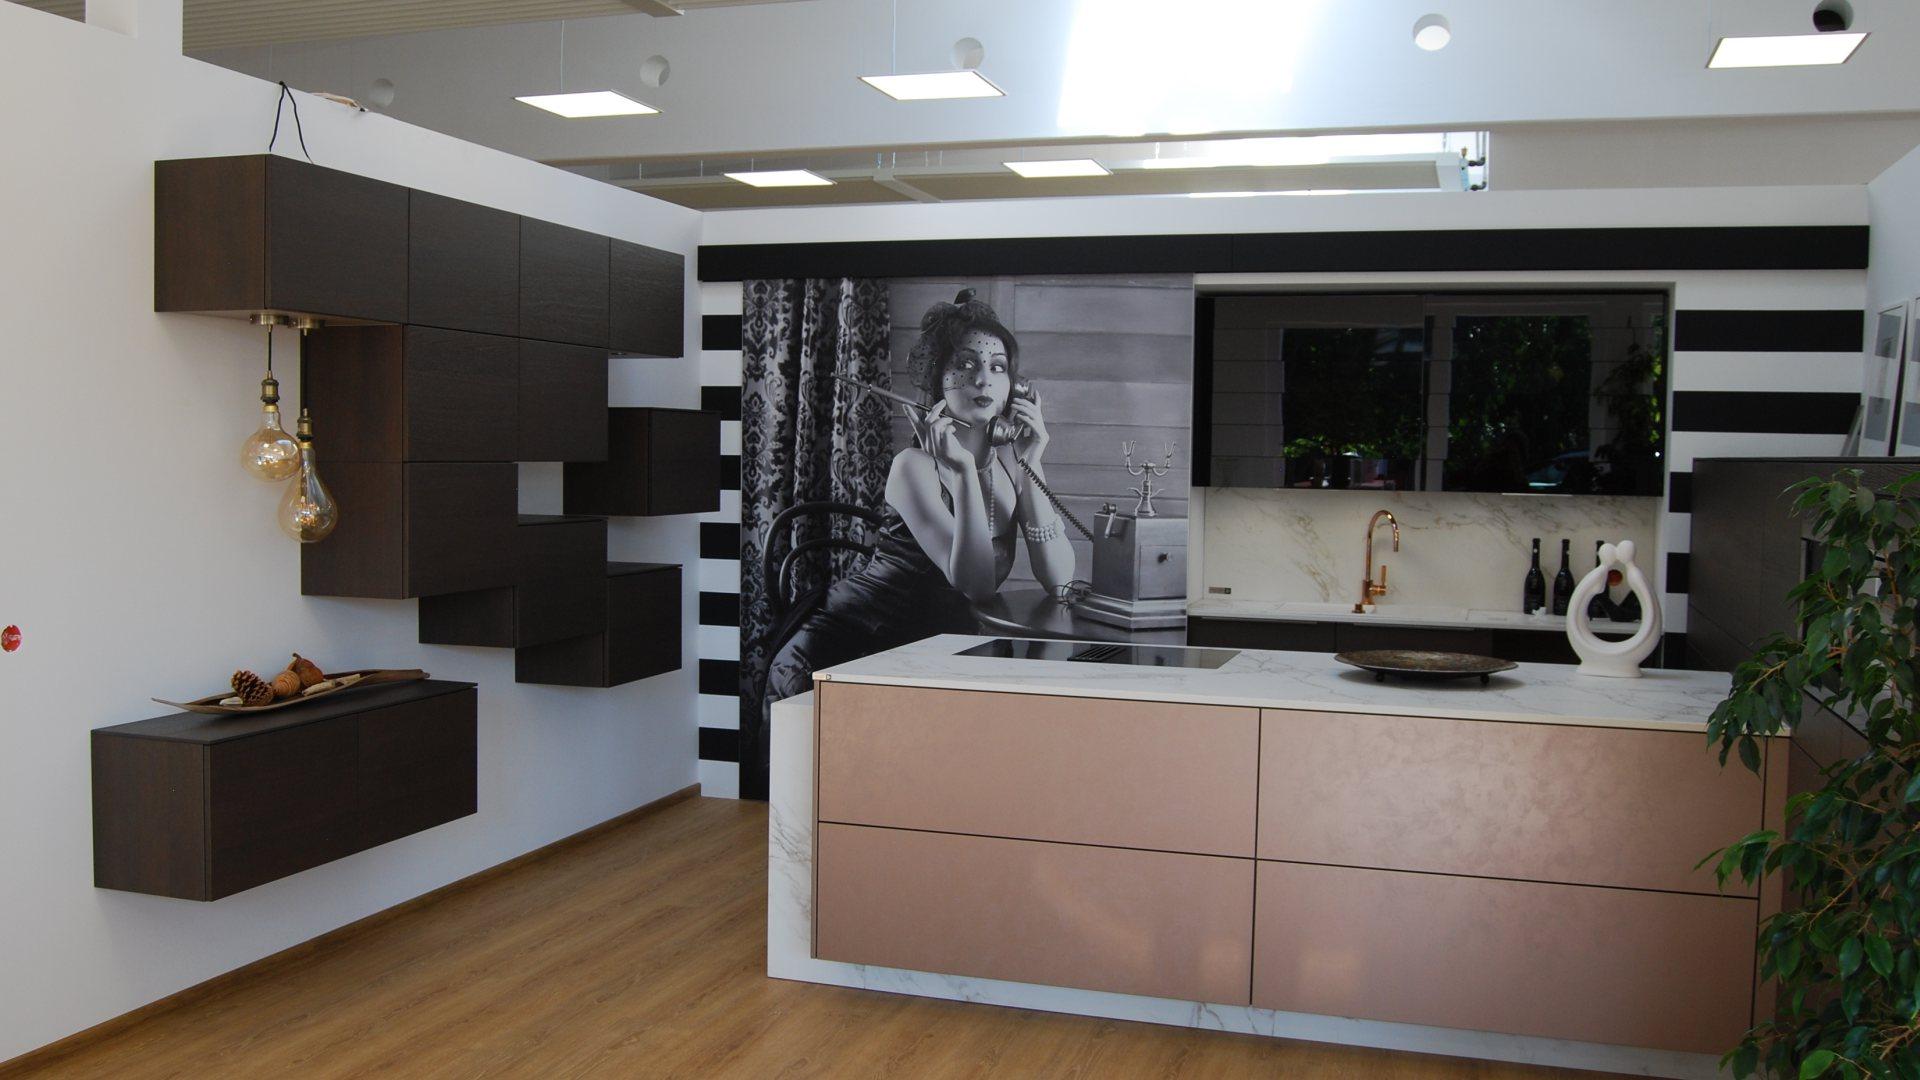 Miele Center Preissegger in Wolfsberg und in Klagenfurt | Ihre Küche so individuell wie Sie selbst